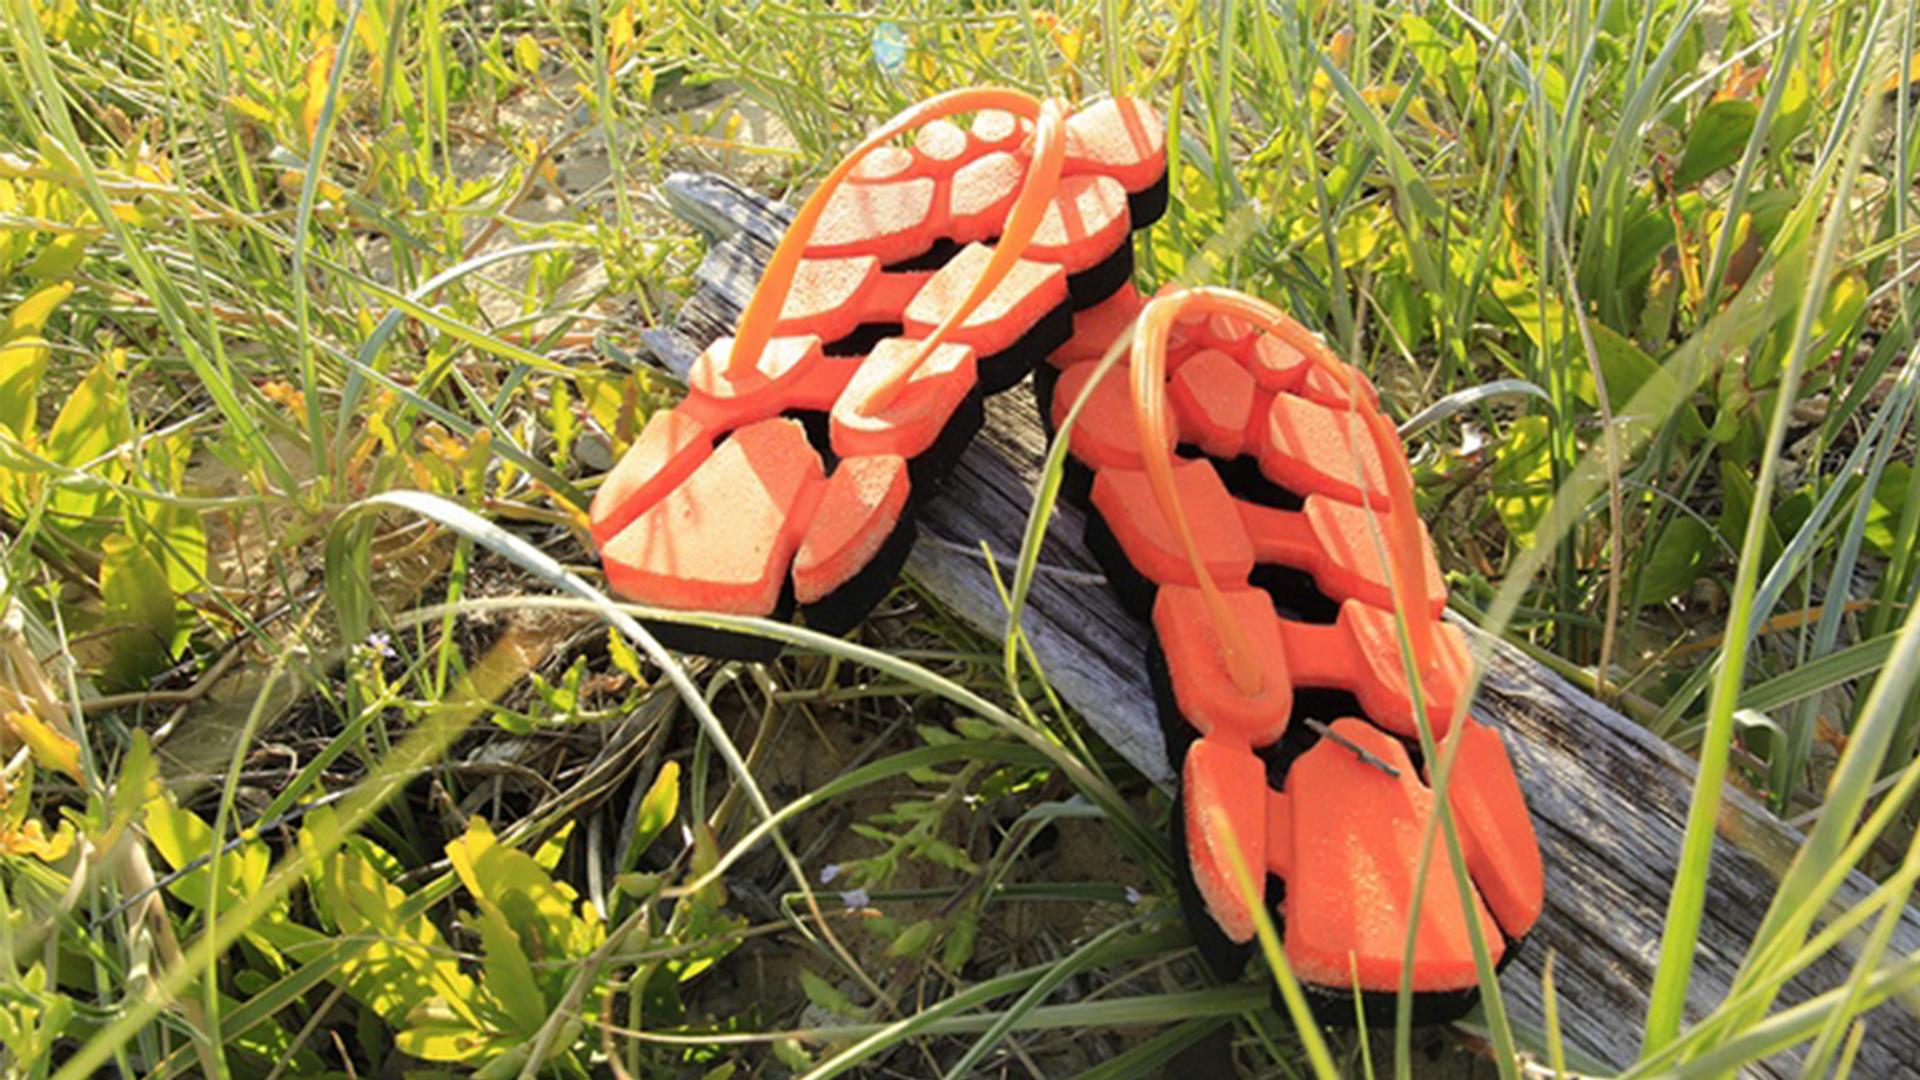 【智能界大百科】很丑可是很温柔!造型独特夹脚凉鞋Lacunas